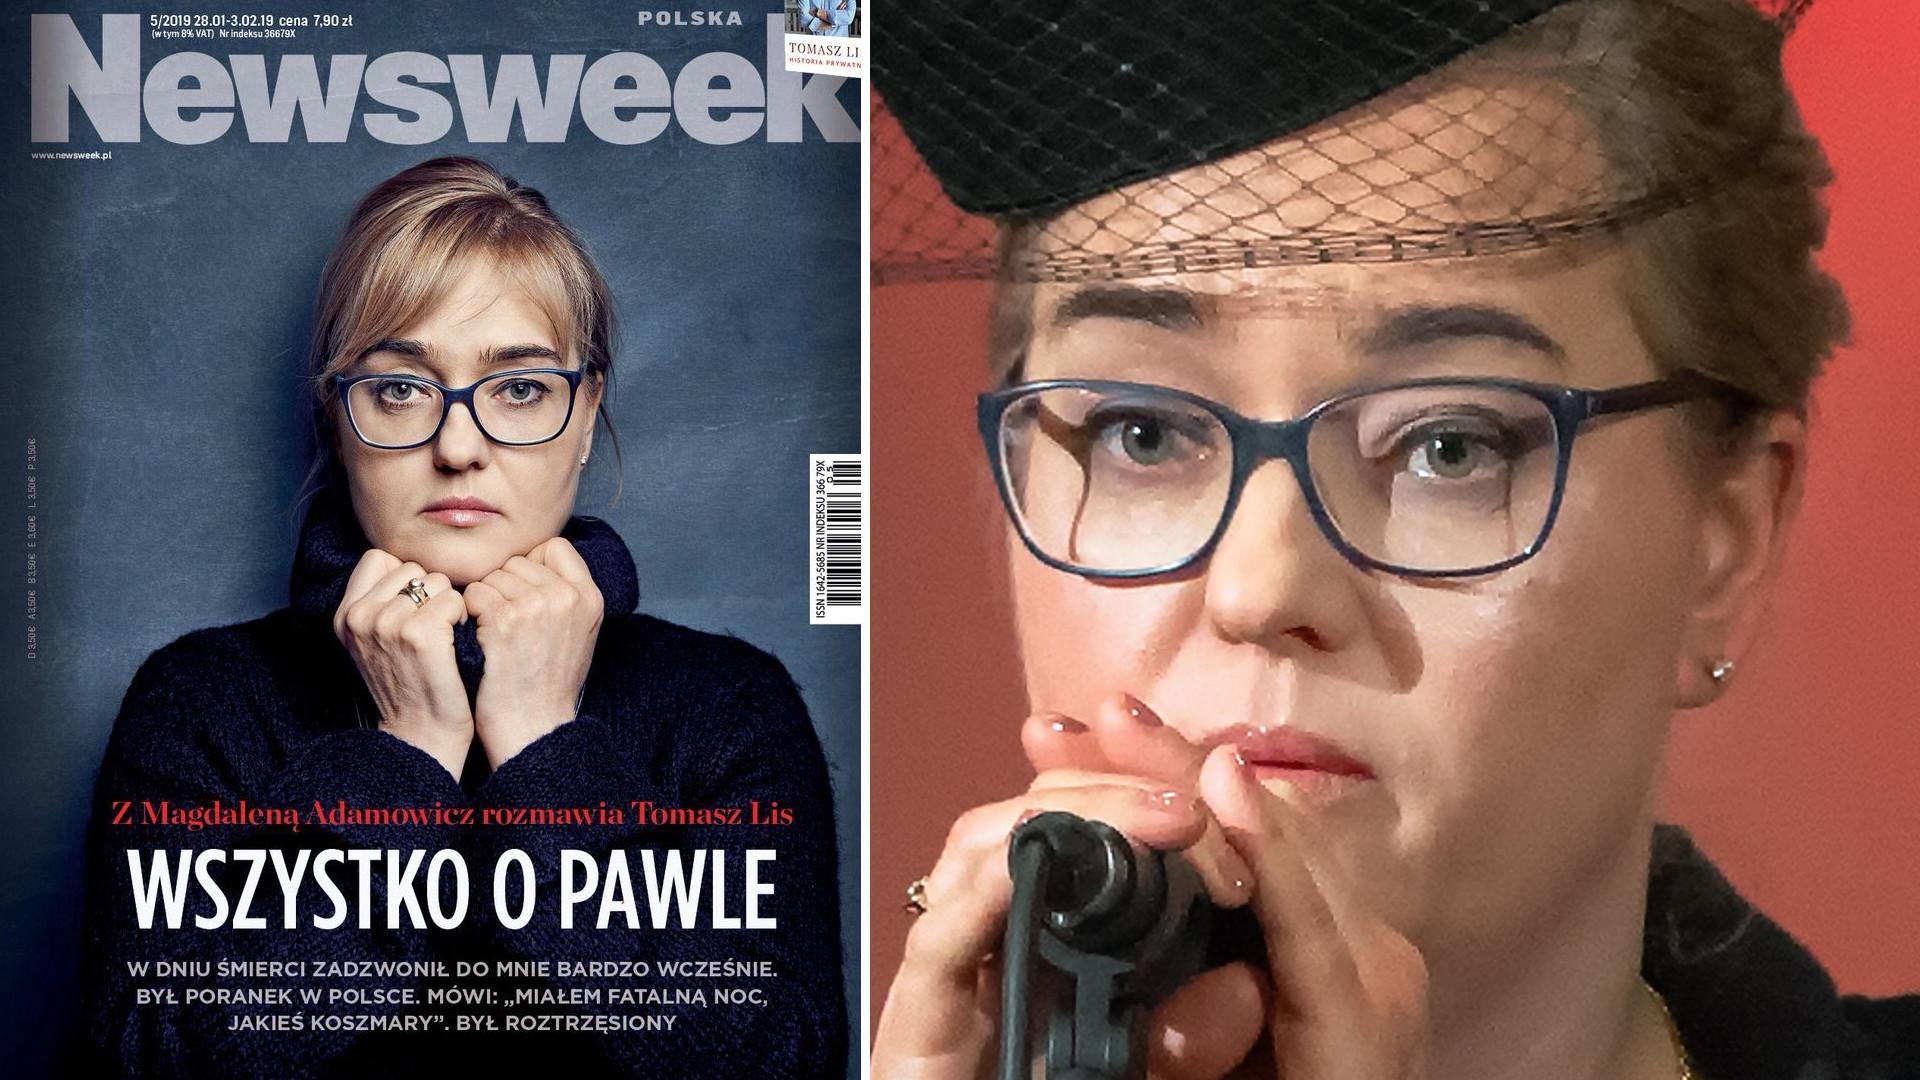 Magdalena Adamowicz w Newsweeku W dniu śmierci zadzwonił do mnie bardzo wcześnie